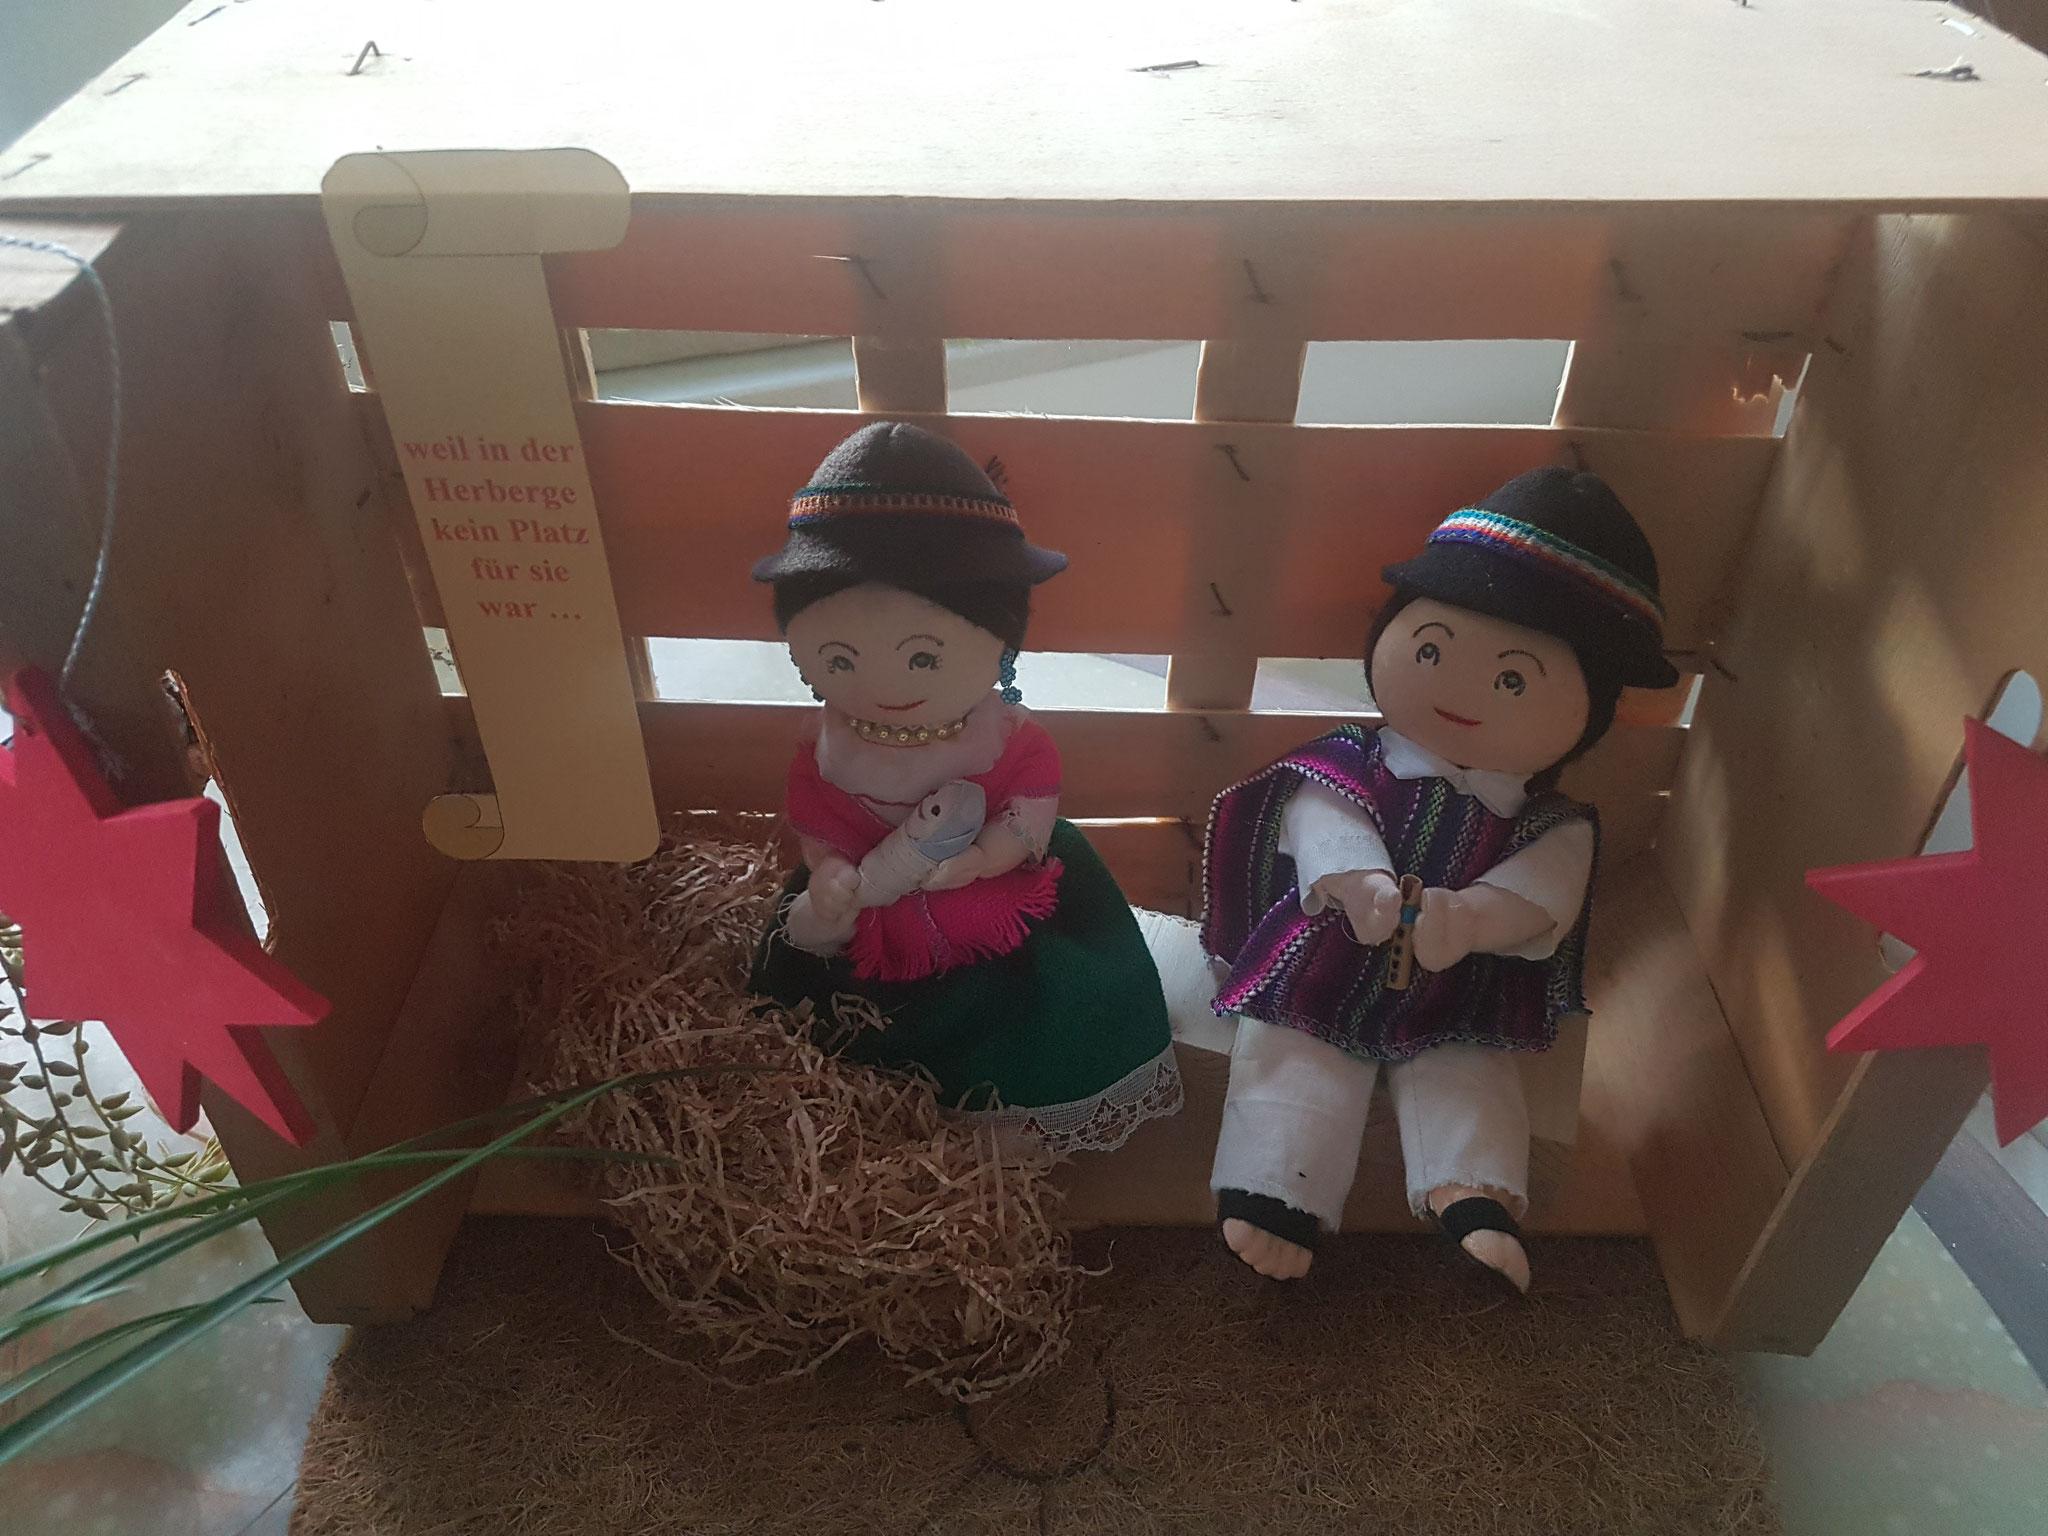 """Benno Jacobi. Die Figuren stammen aus Ecuador und stehen in der Tradition der indigenen Bevölkerung Südamerikas. Zusammen mit der Obstkiste als """"Stall"""" stehen sie in besonderer Weise für all die Menschen, die unbehaust Weihnachten begehen müssen."""